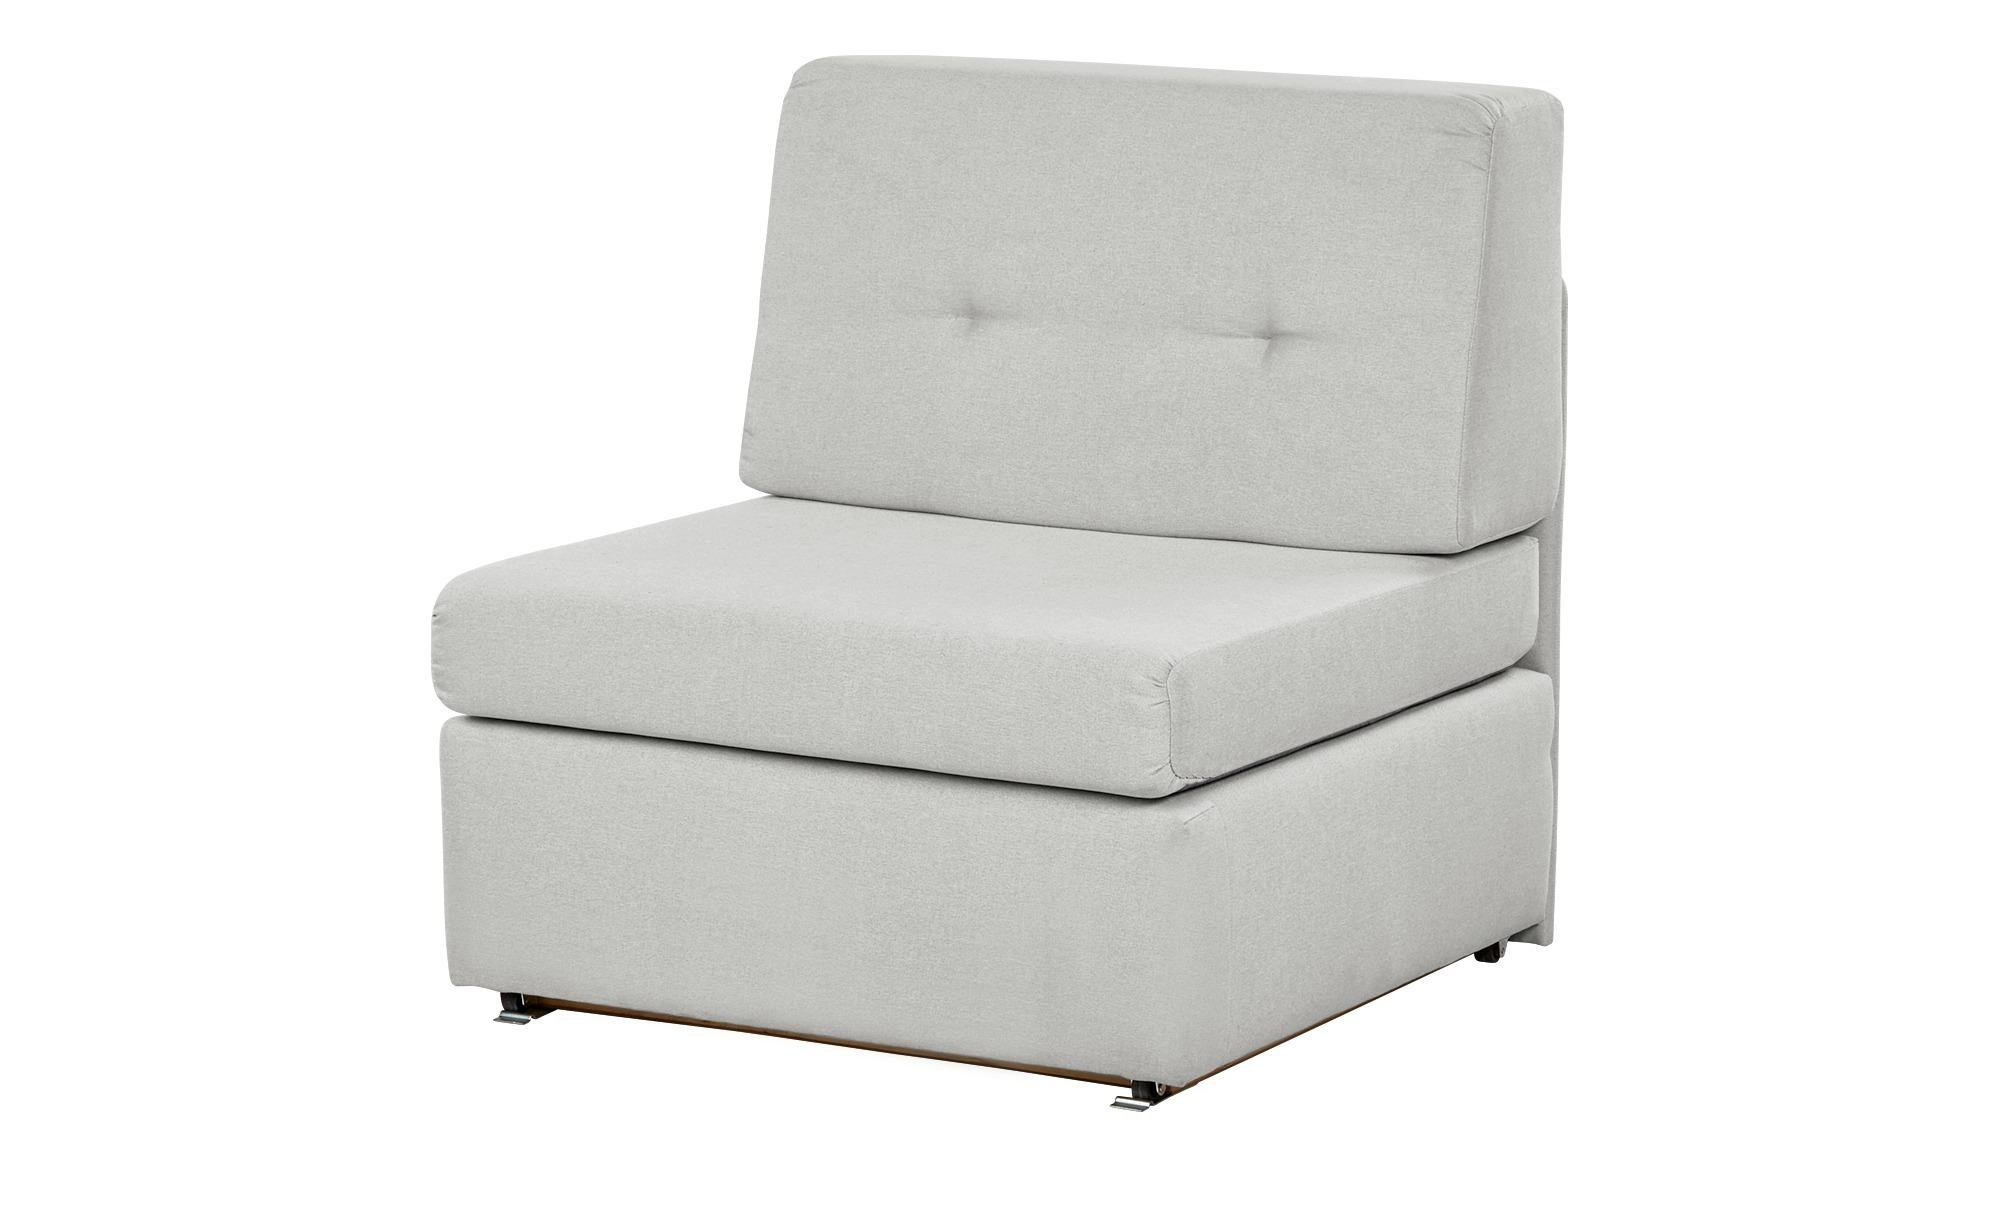 smart Schlafsessel  Sabia ¦ grau Polstermöbel > Sessel > Schlafsessel - Höf günstig online kaufen